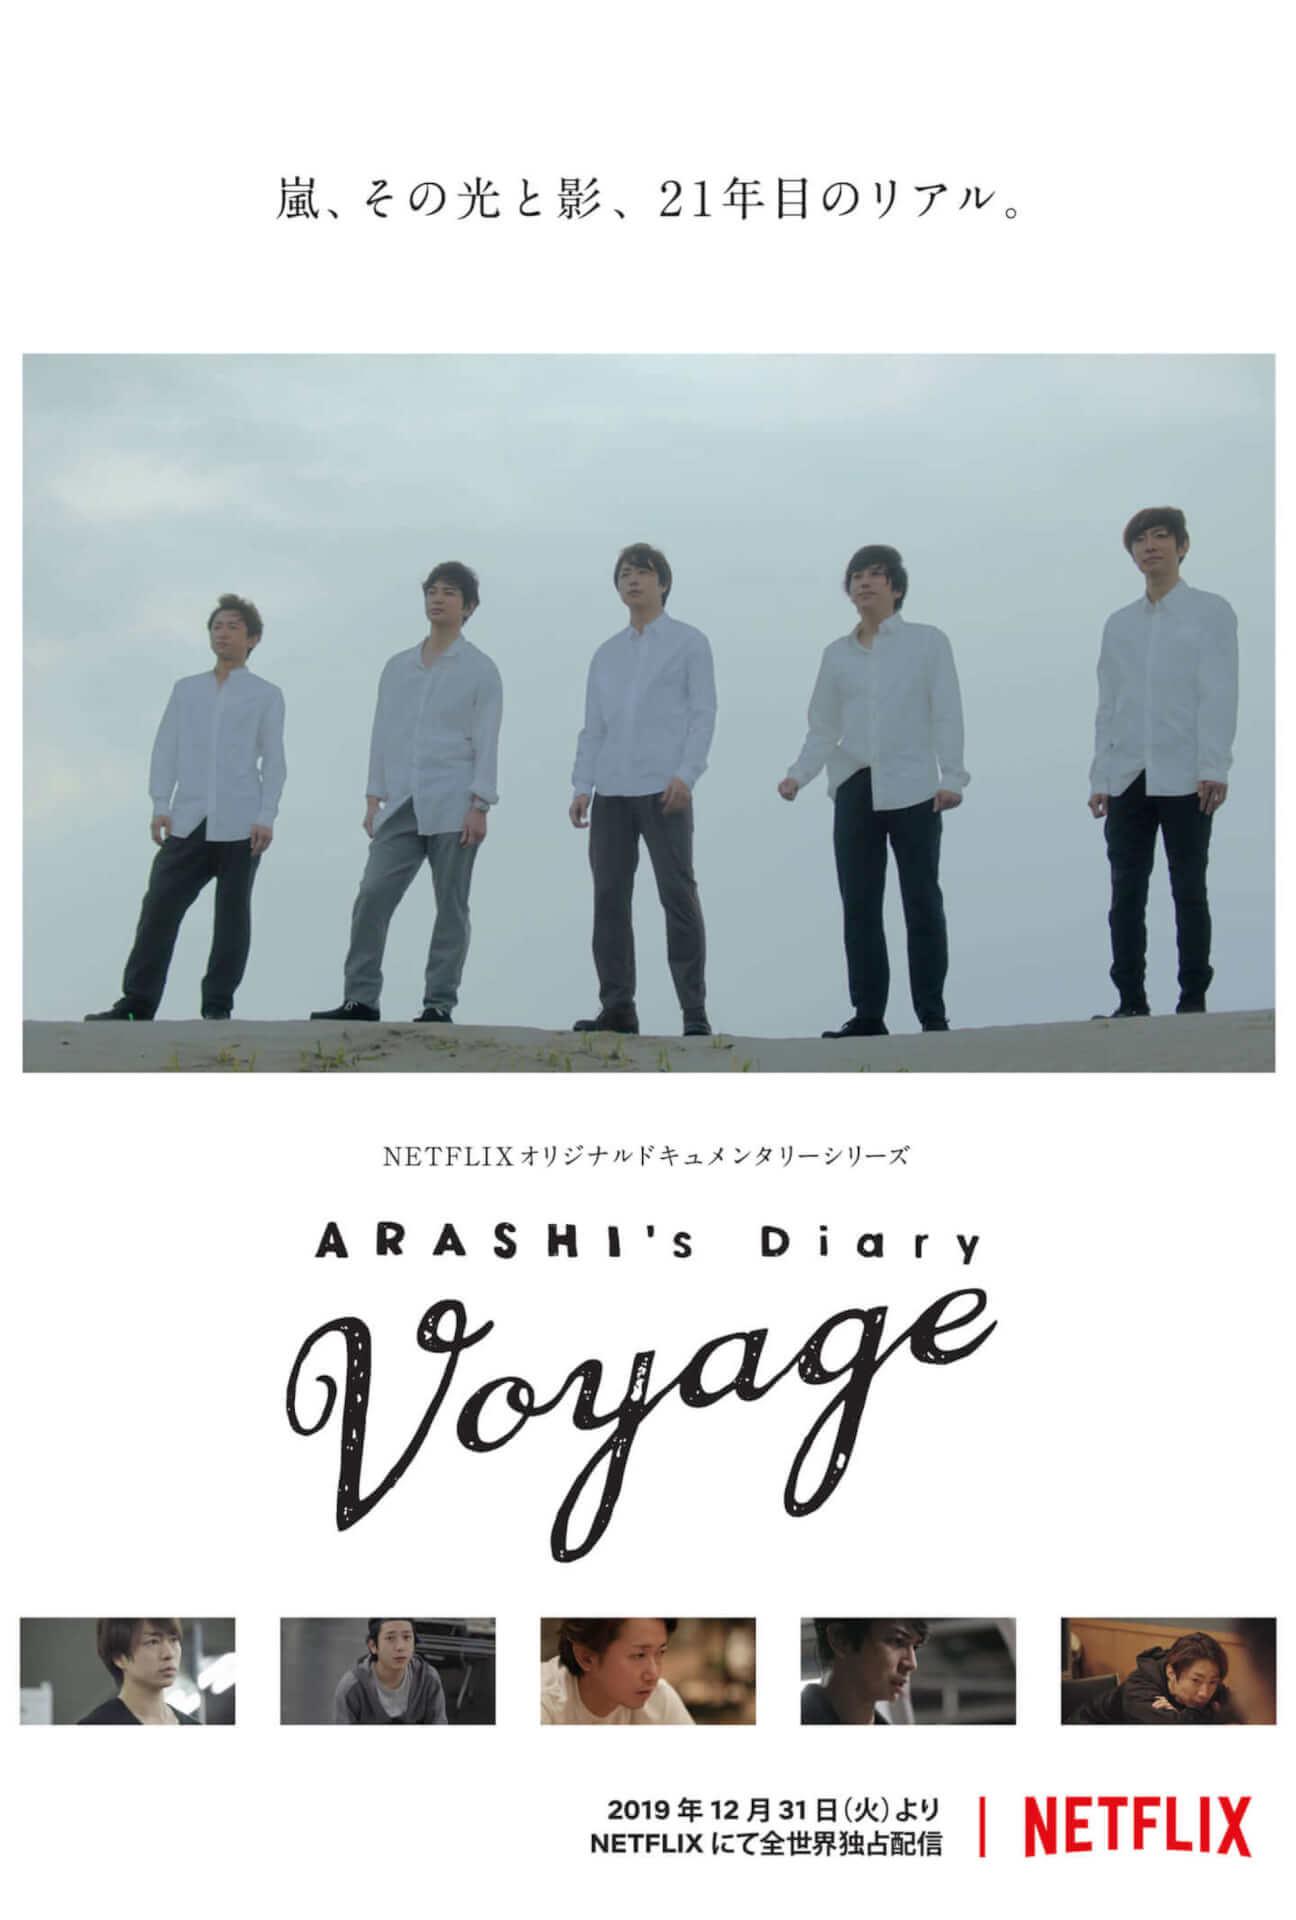 嵐・相葉雅紀の人間性に迫る|Netflixドキュメンタリー『ARASHI's Diary -Voyage-』第7話の予告編が解禁 art200417_aiba_diary_1-1